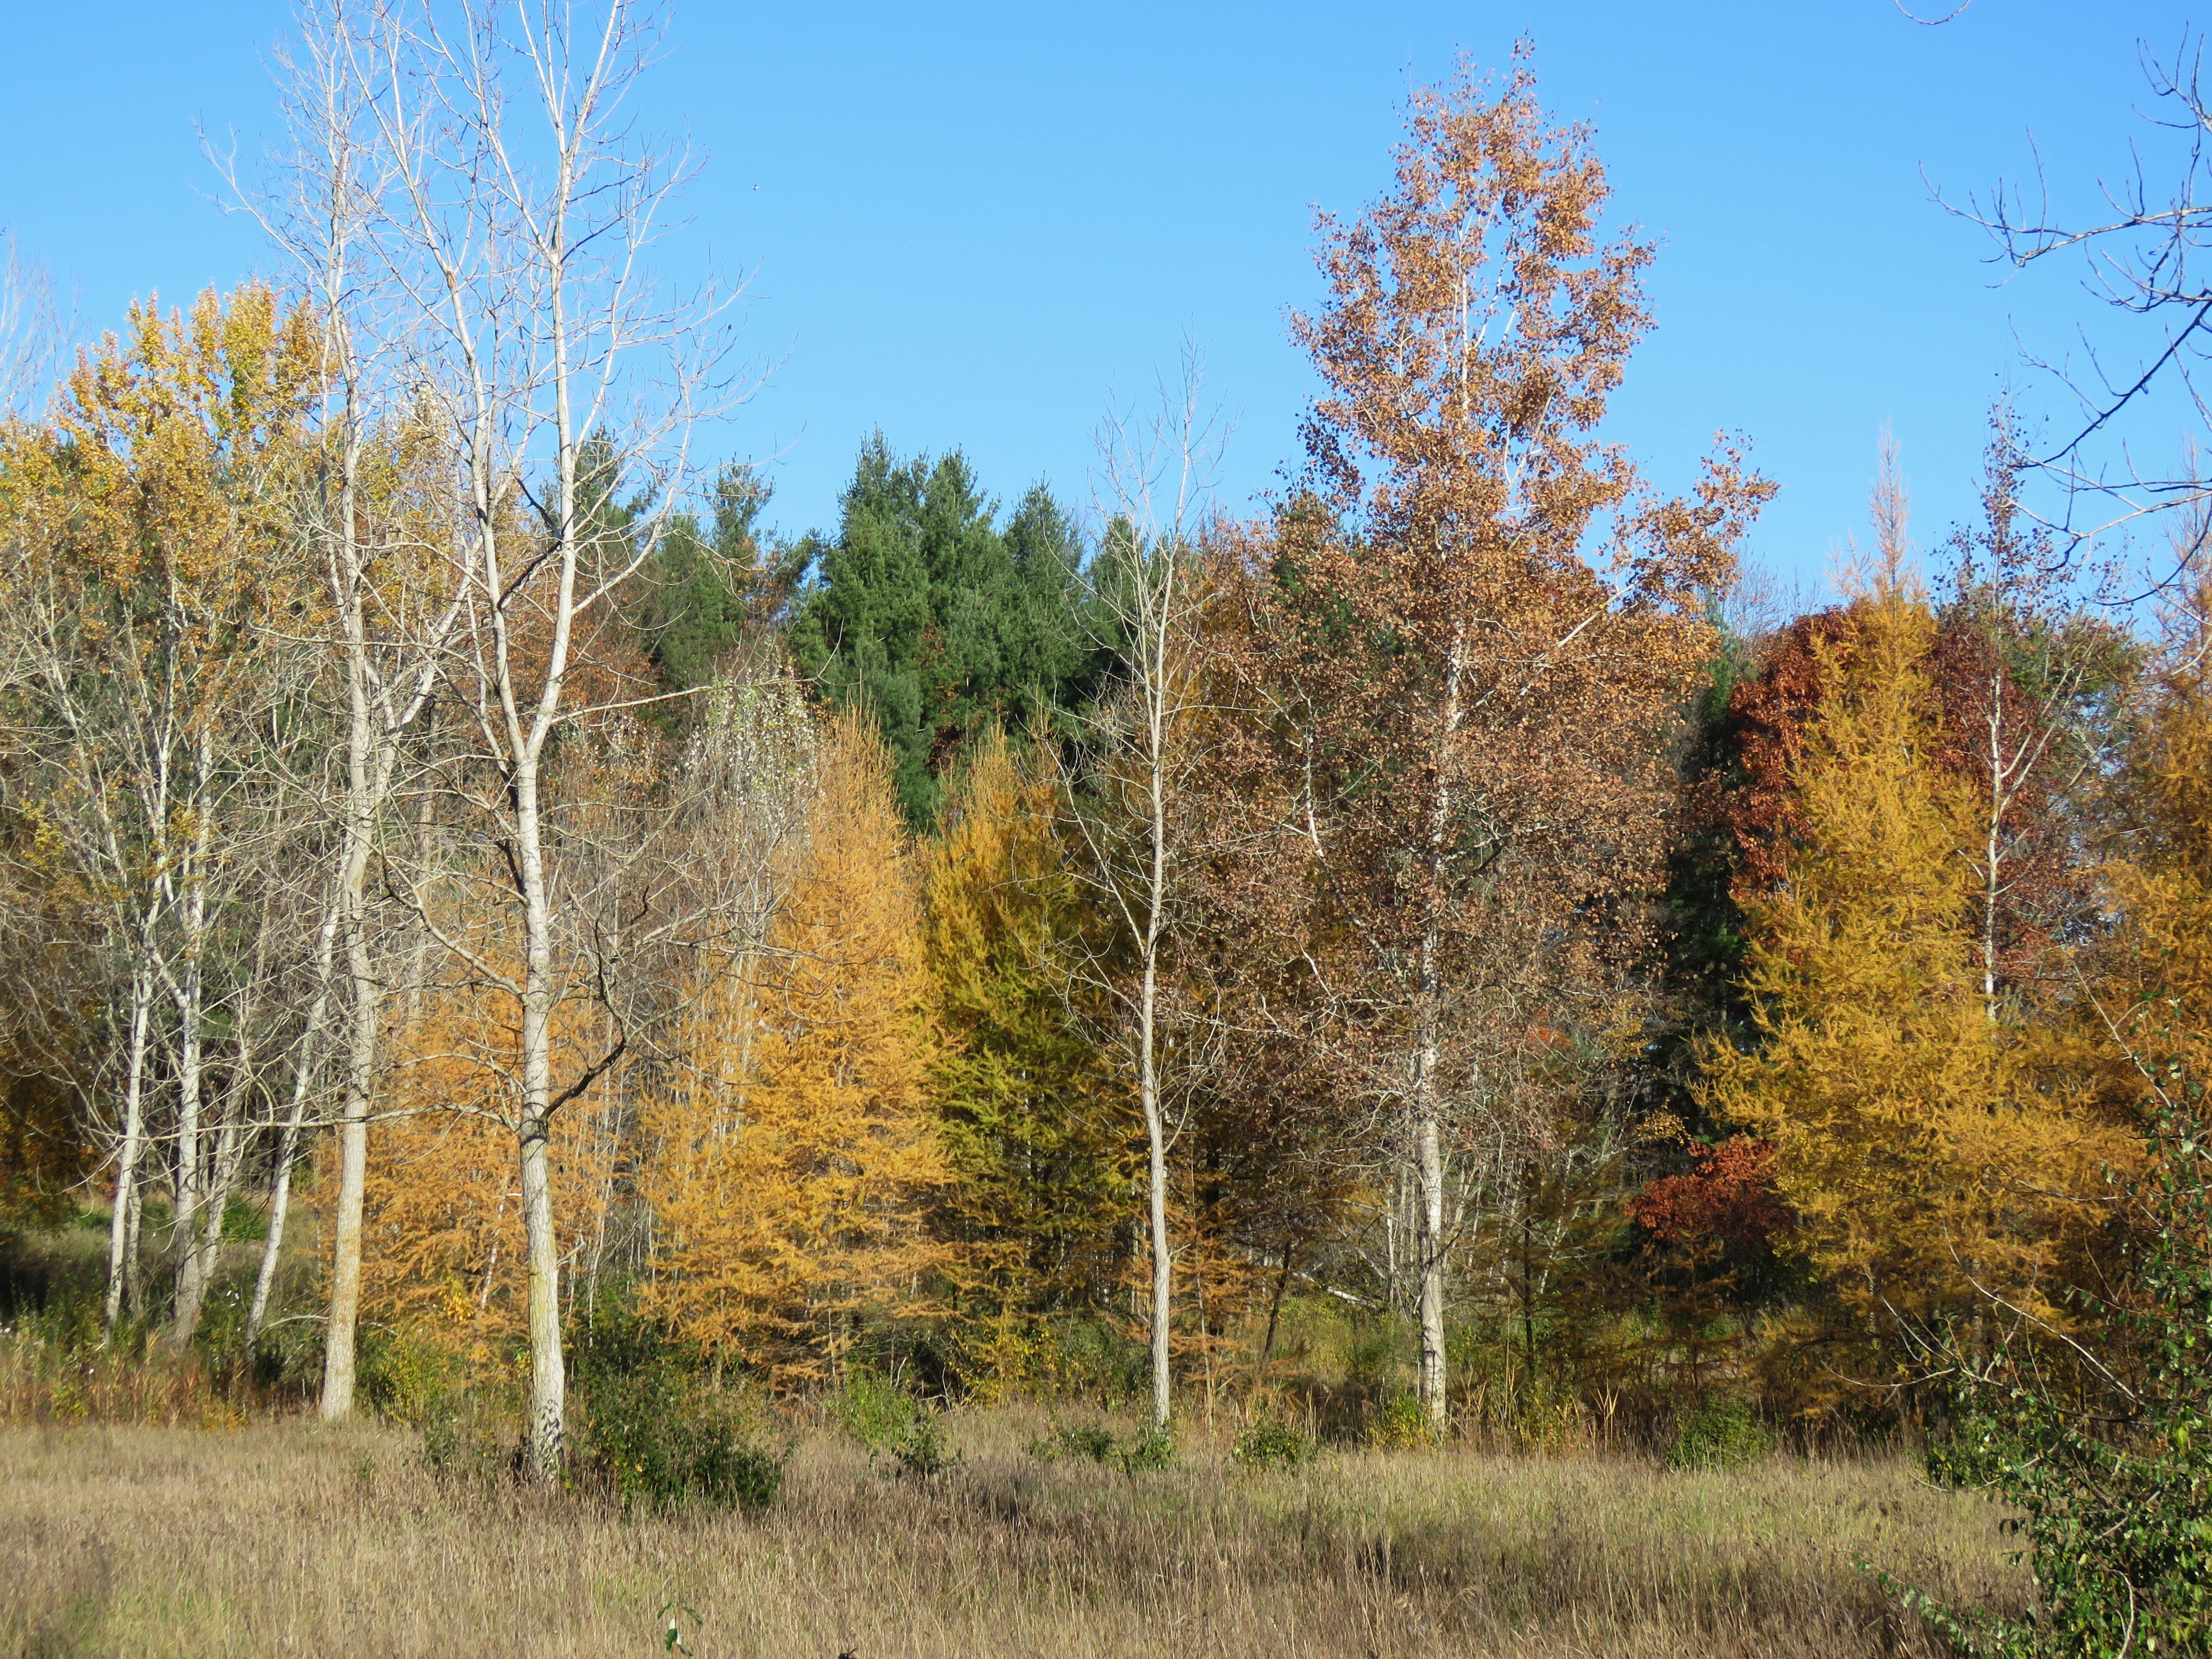 tamarack trees